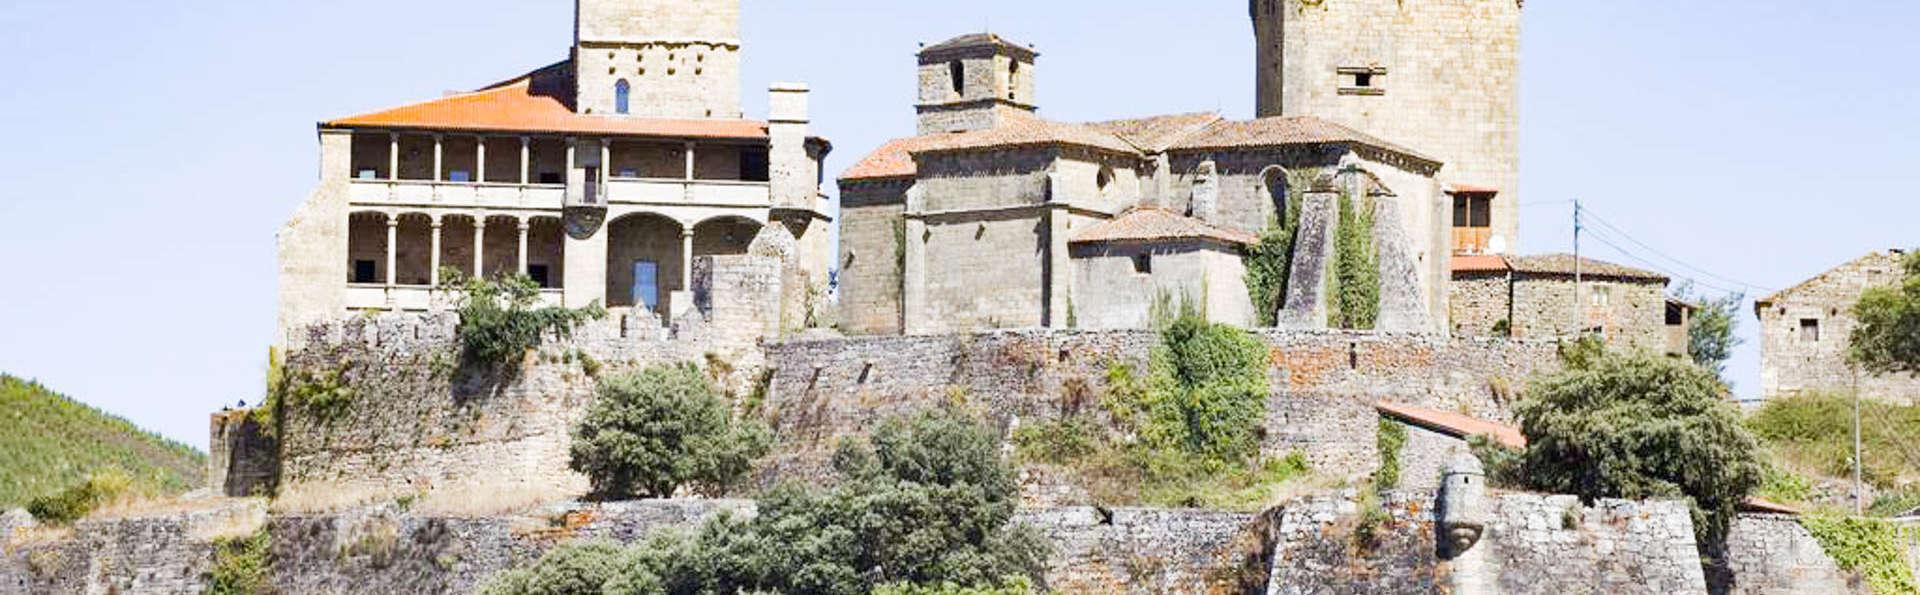 Parador Castillo de Monterrei - EDIT_FRONT4.jpg